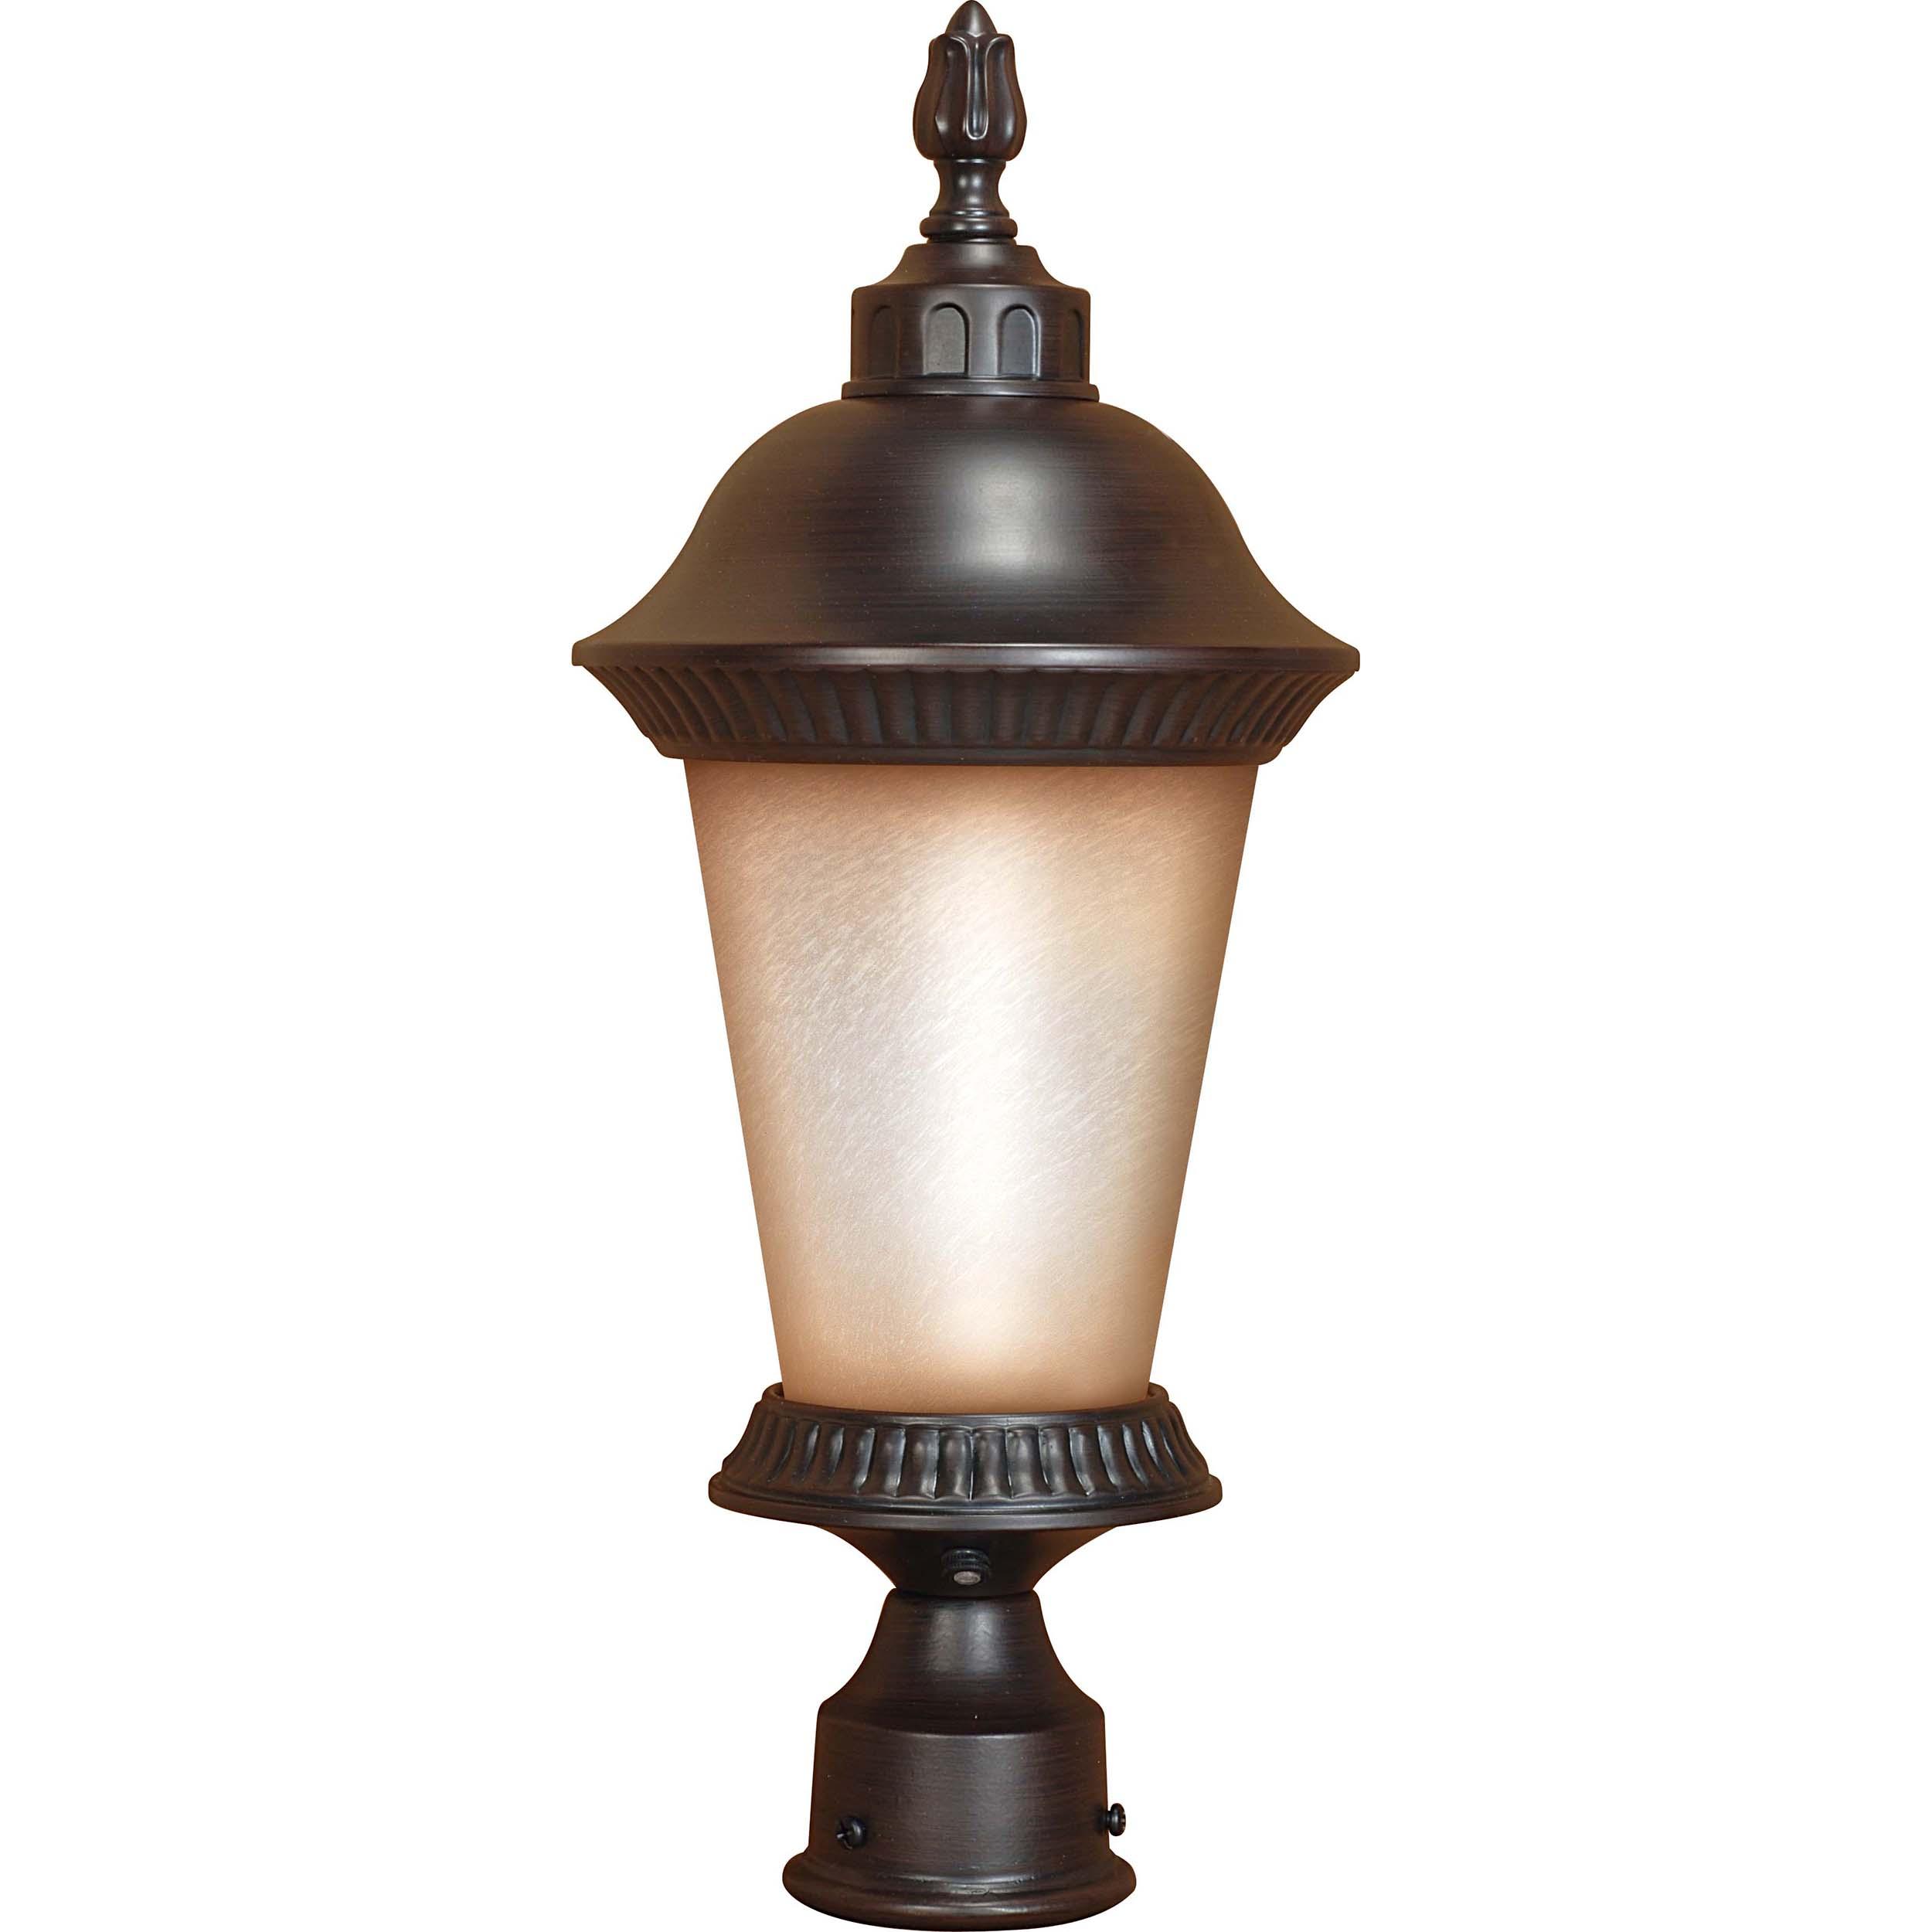 Clarion 1-light Chestnut Bronze Post Lantern